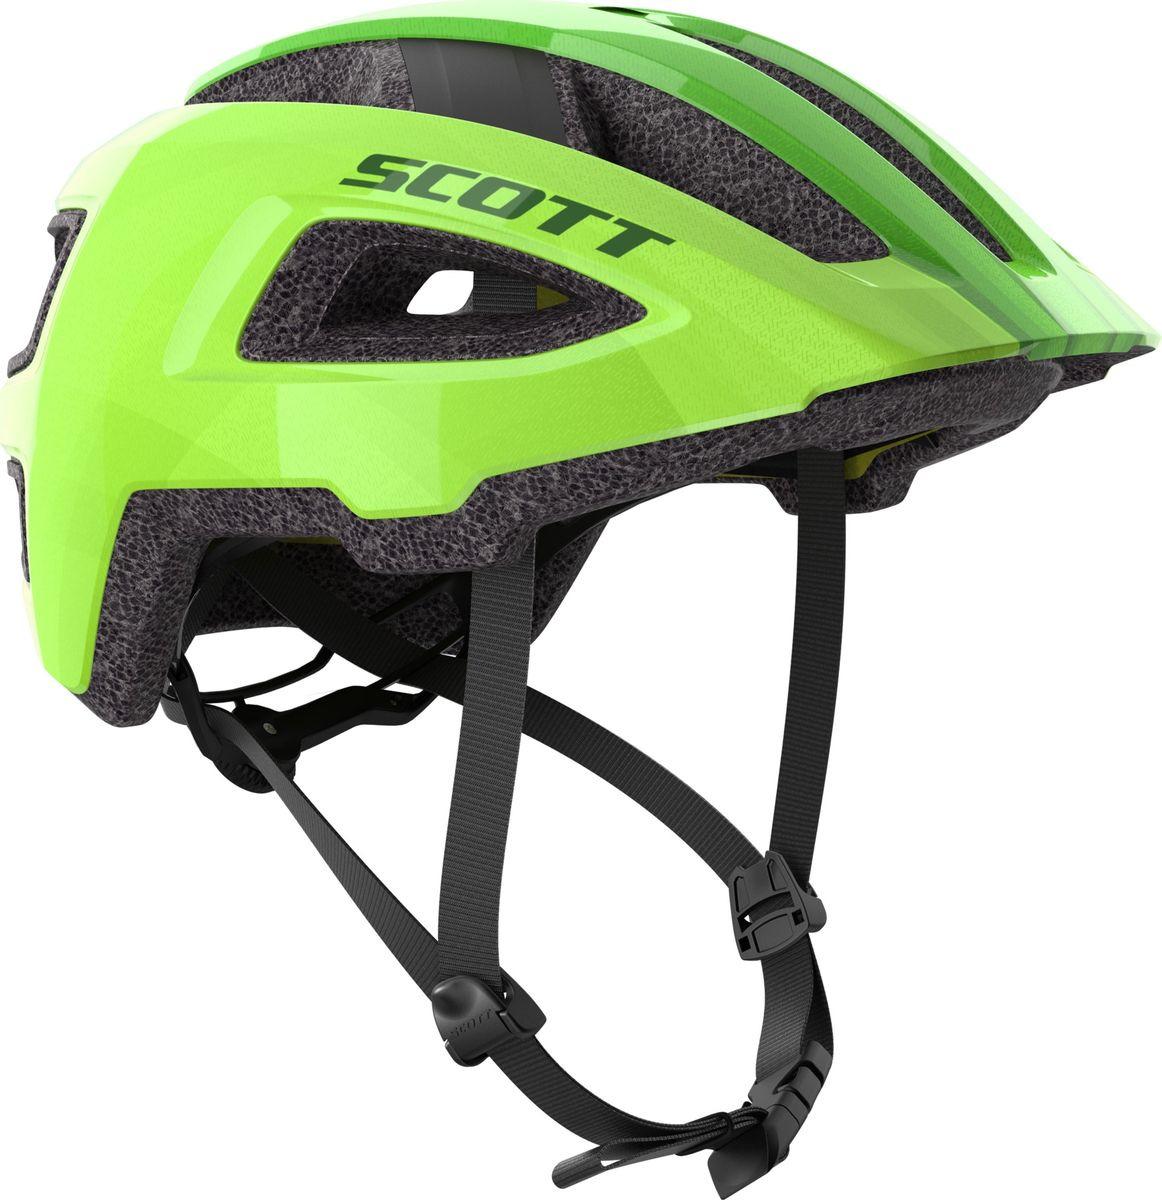 Шлем защитный Scott Groove Plus, 265532-0006, зеленый, размер S/M